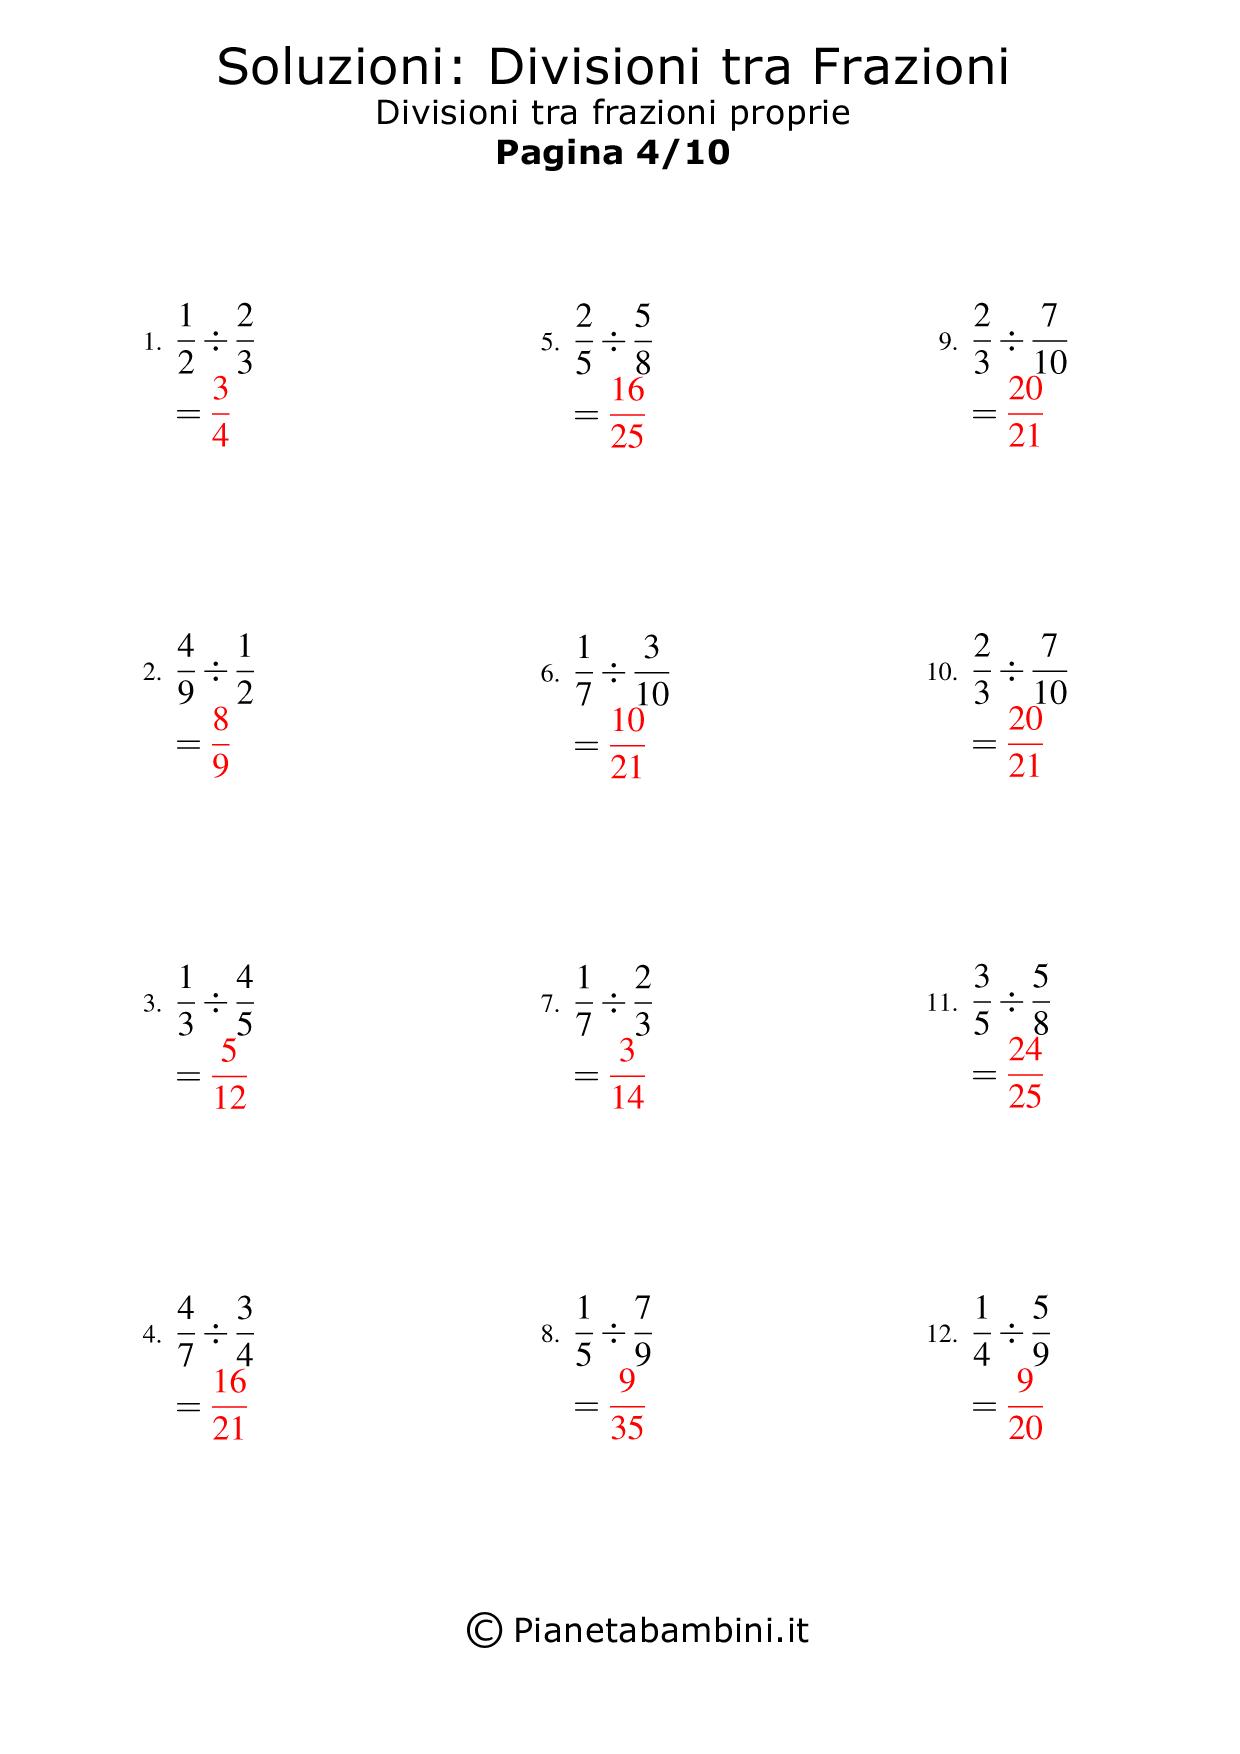 Soluzioni-Divisioni-Frazioni-Proprie_04